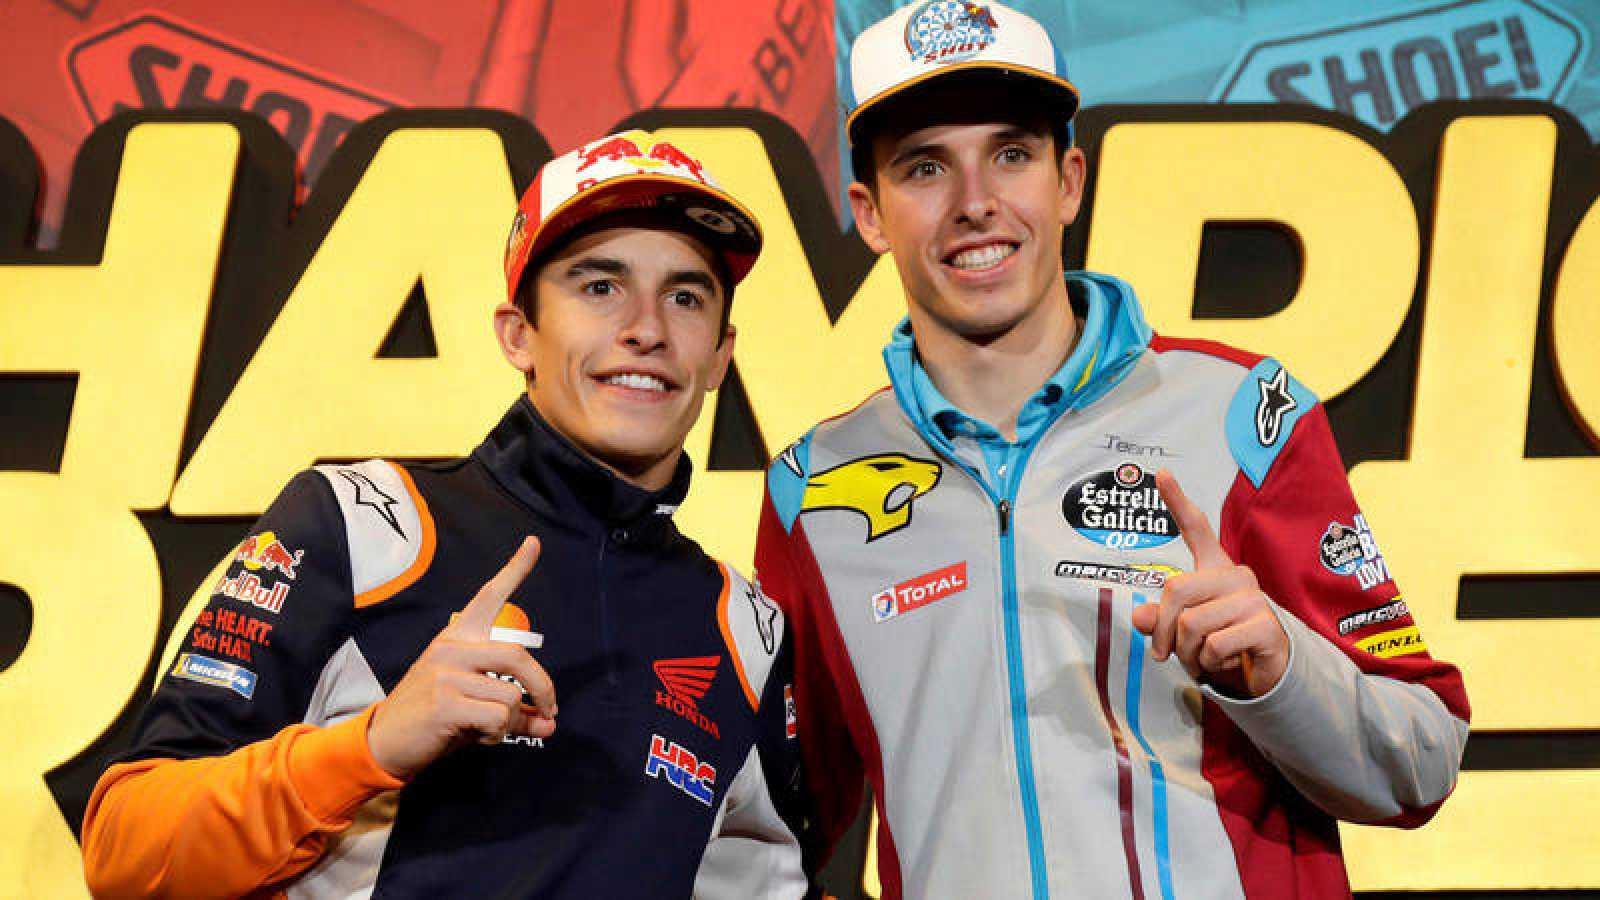 Los hermanos Marc y Álex Márquez, durante la fiesta por sus mundiales en Cervera.